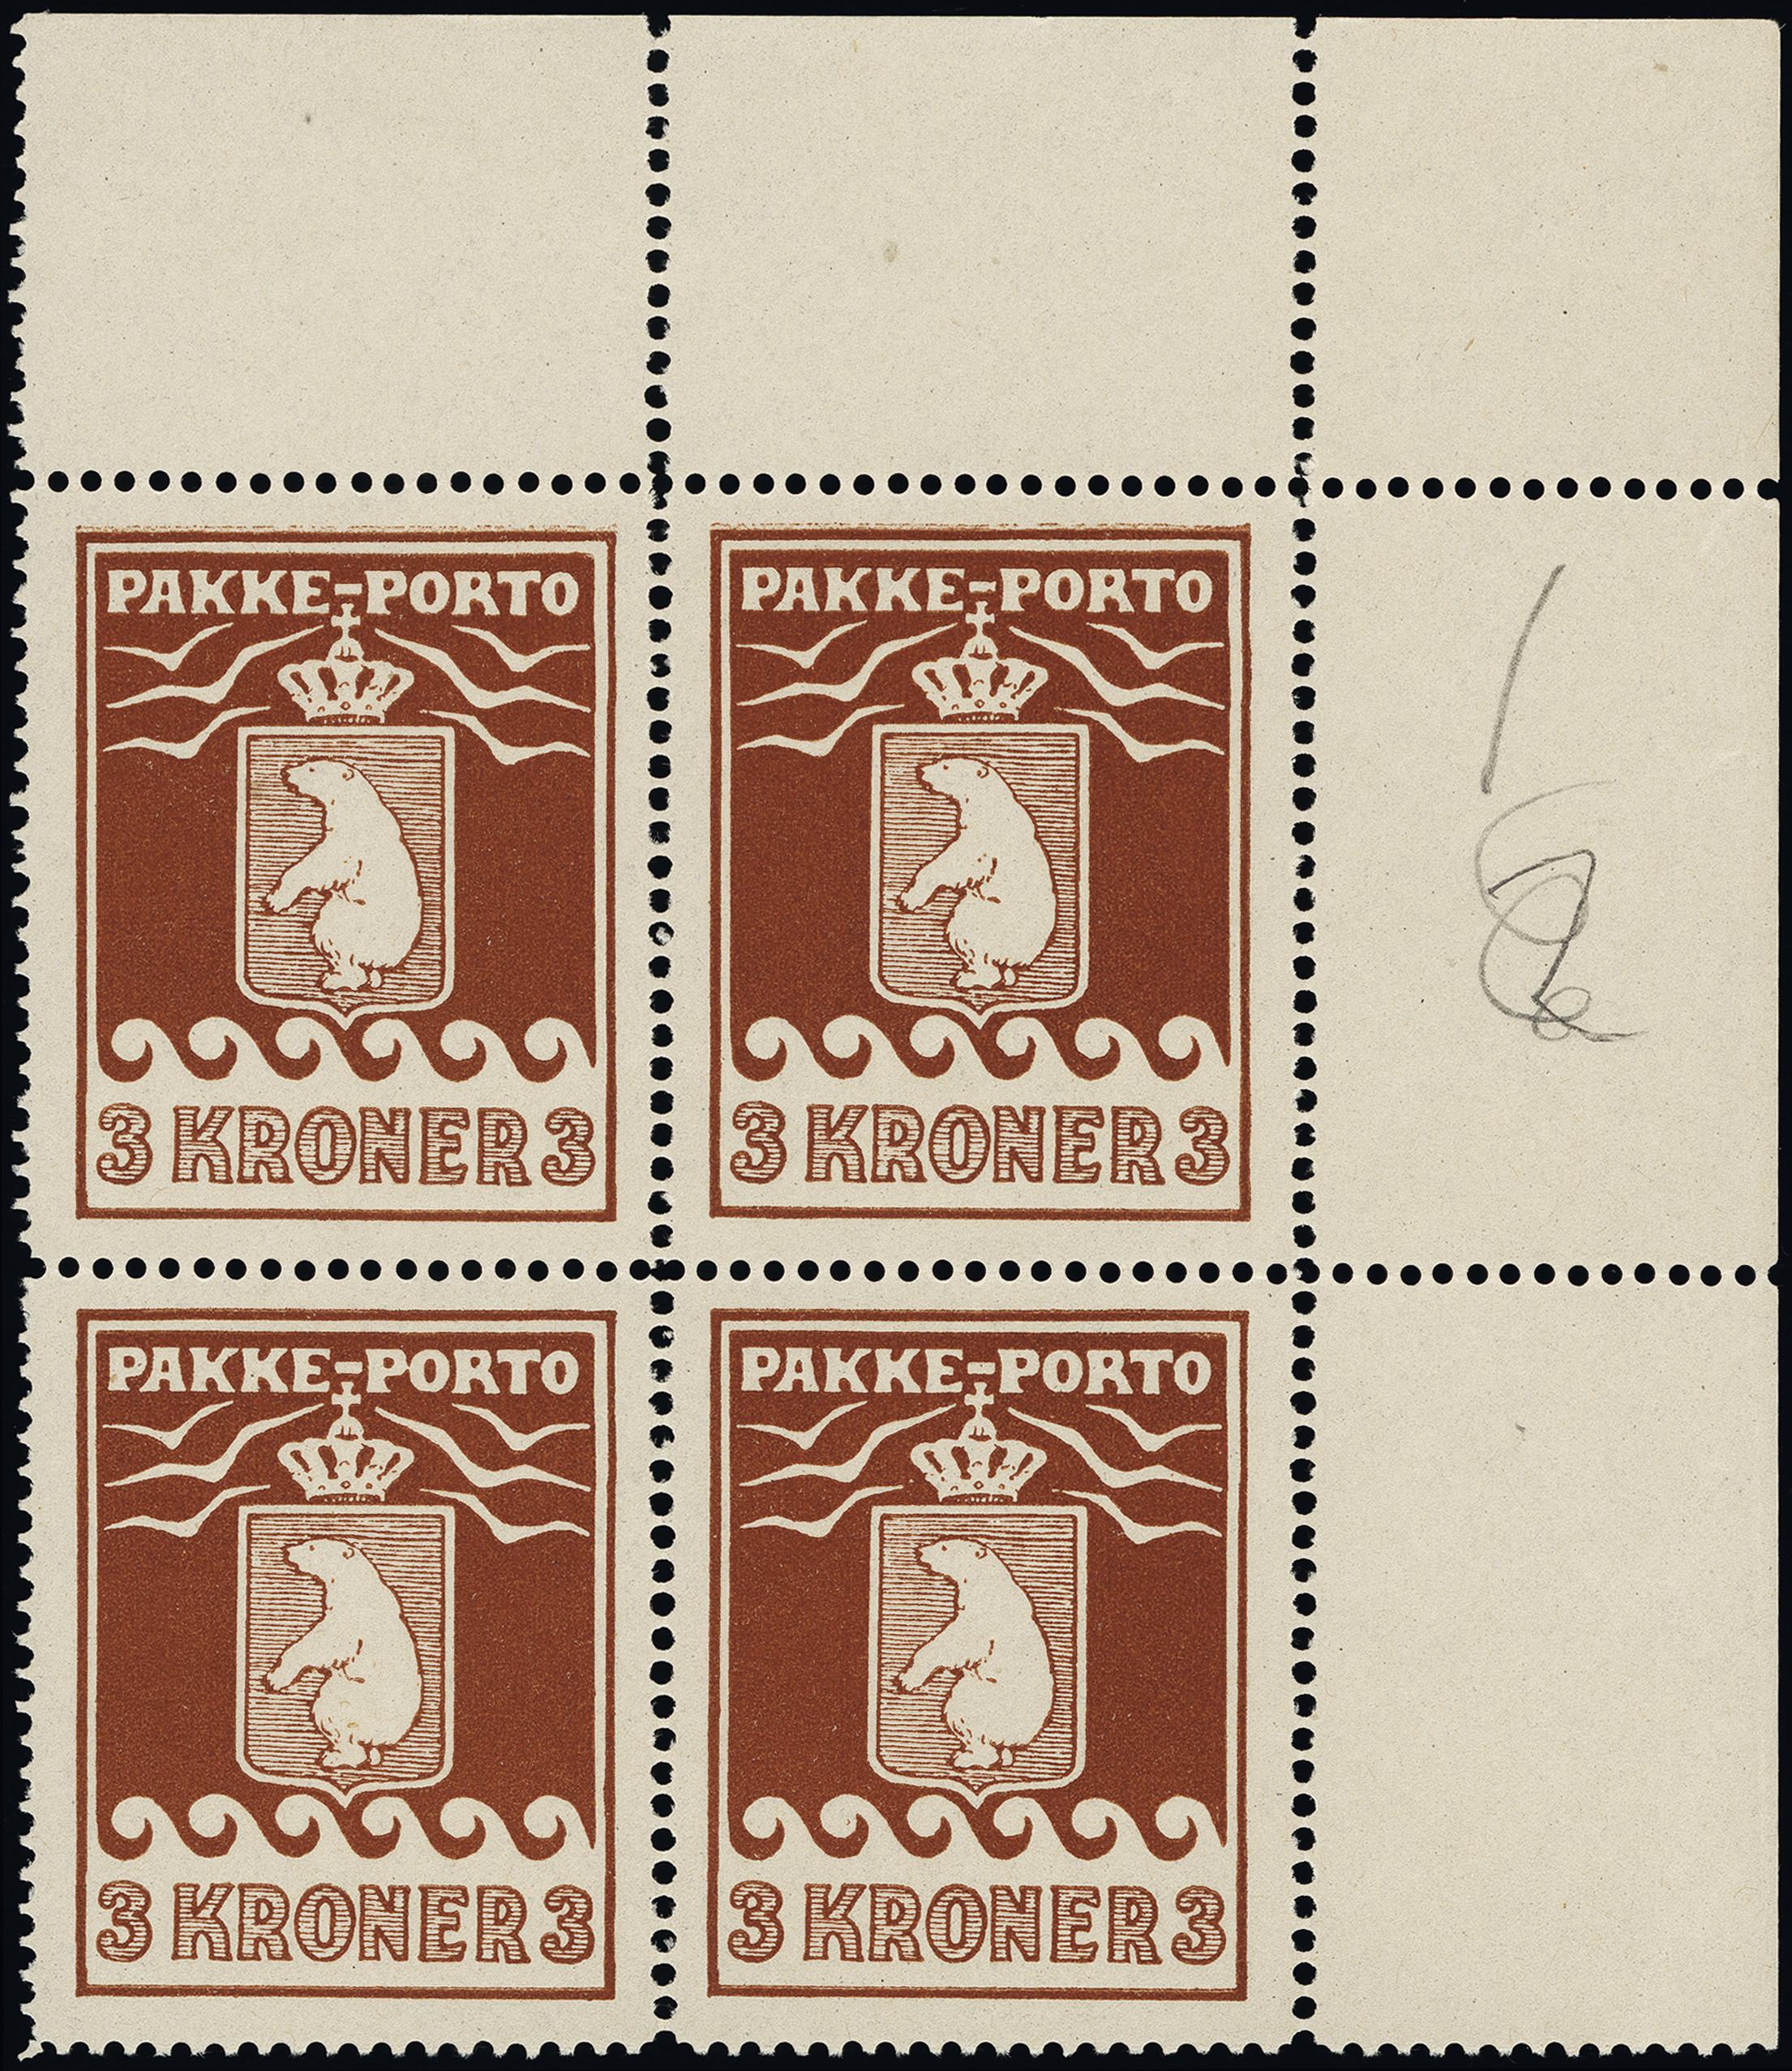 Lot 1134 - Greenland Greenland - Pakke Porto -  Heinrich Koehler Auktionen Heinrich Köhler Auction 376 - Day 1